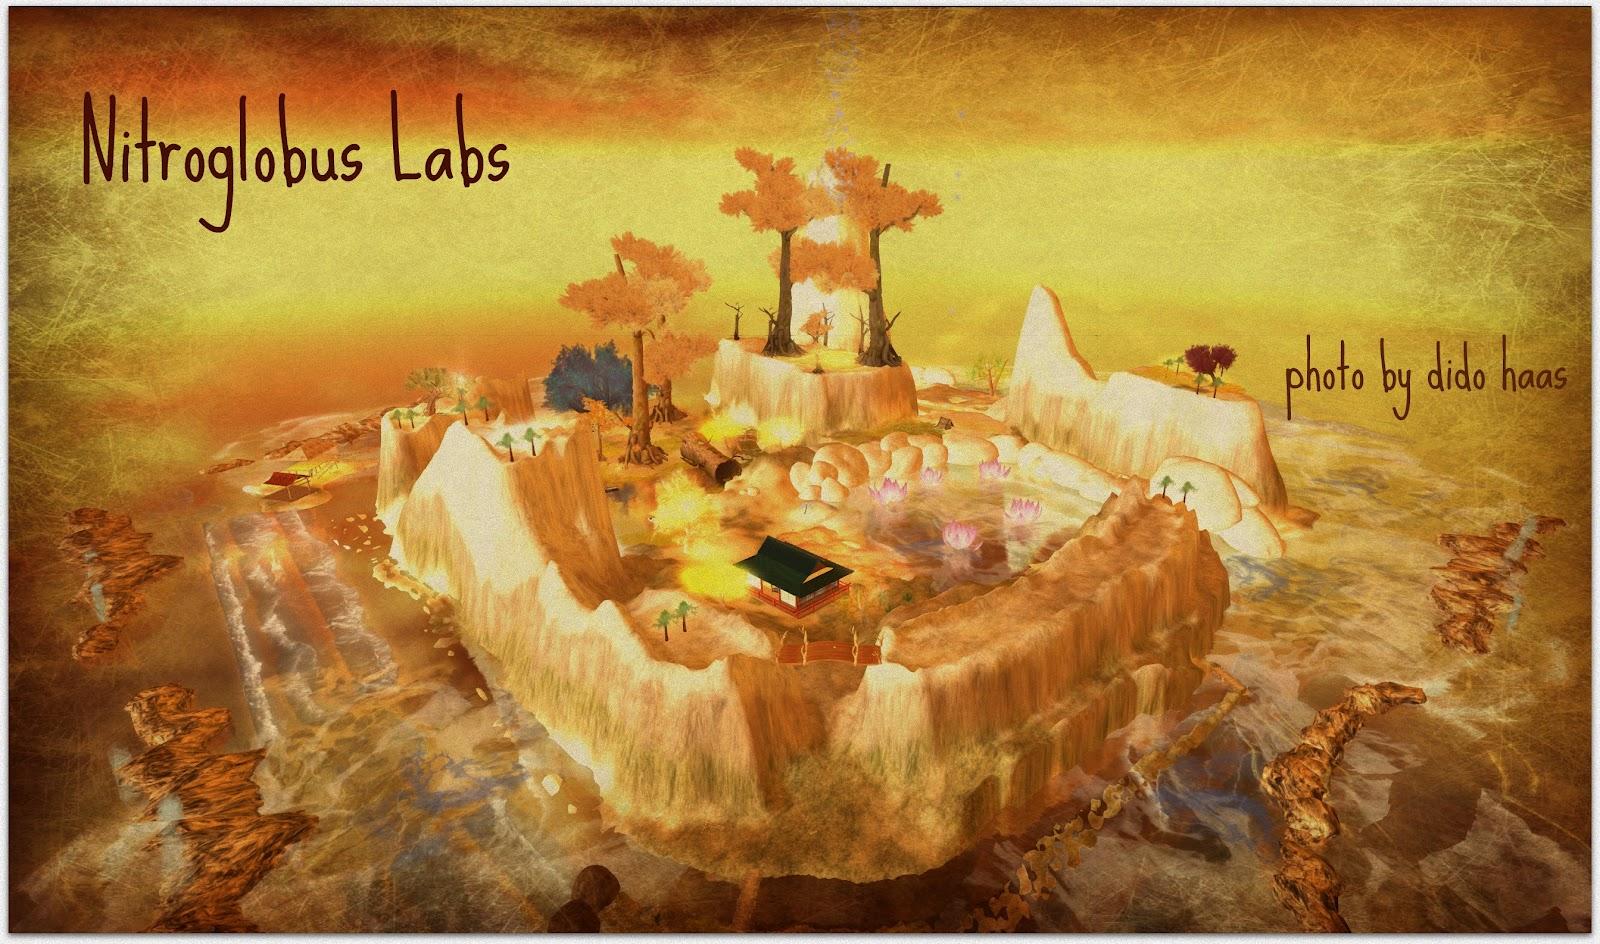 http://4.bp.blogspot.com/-6RDeHft7yis/UAFm4_7FFzI/AAAAAAAAG0g/BfKPI_oLlJg/s1600/nitroglobus+labs+yellow.jpg